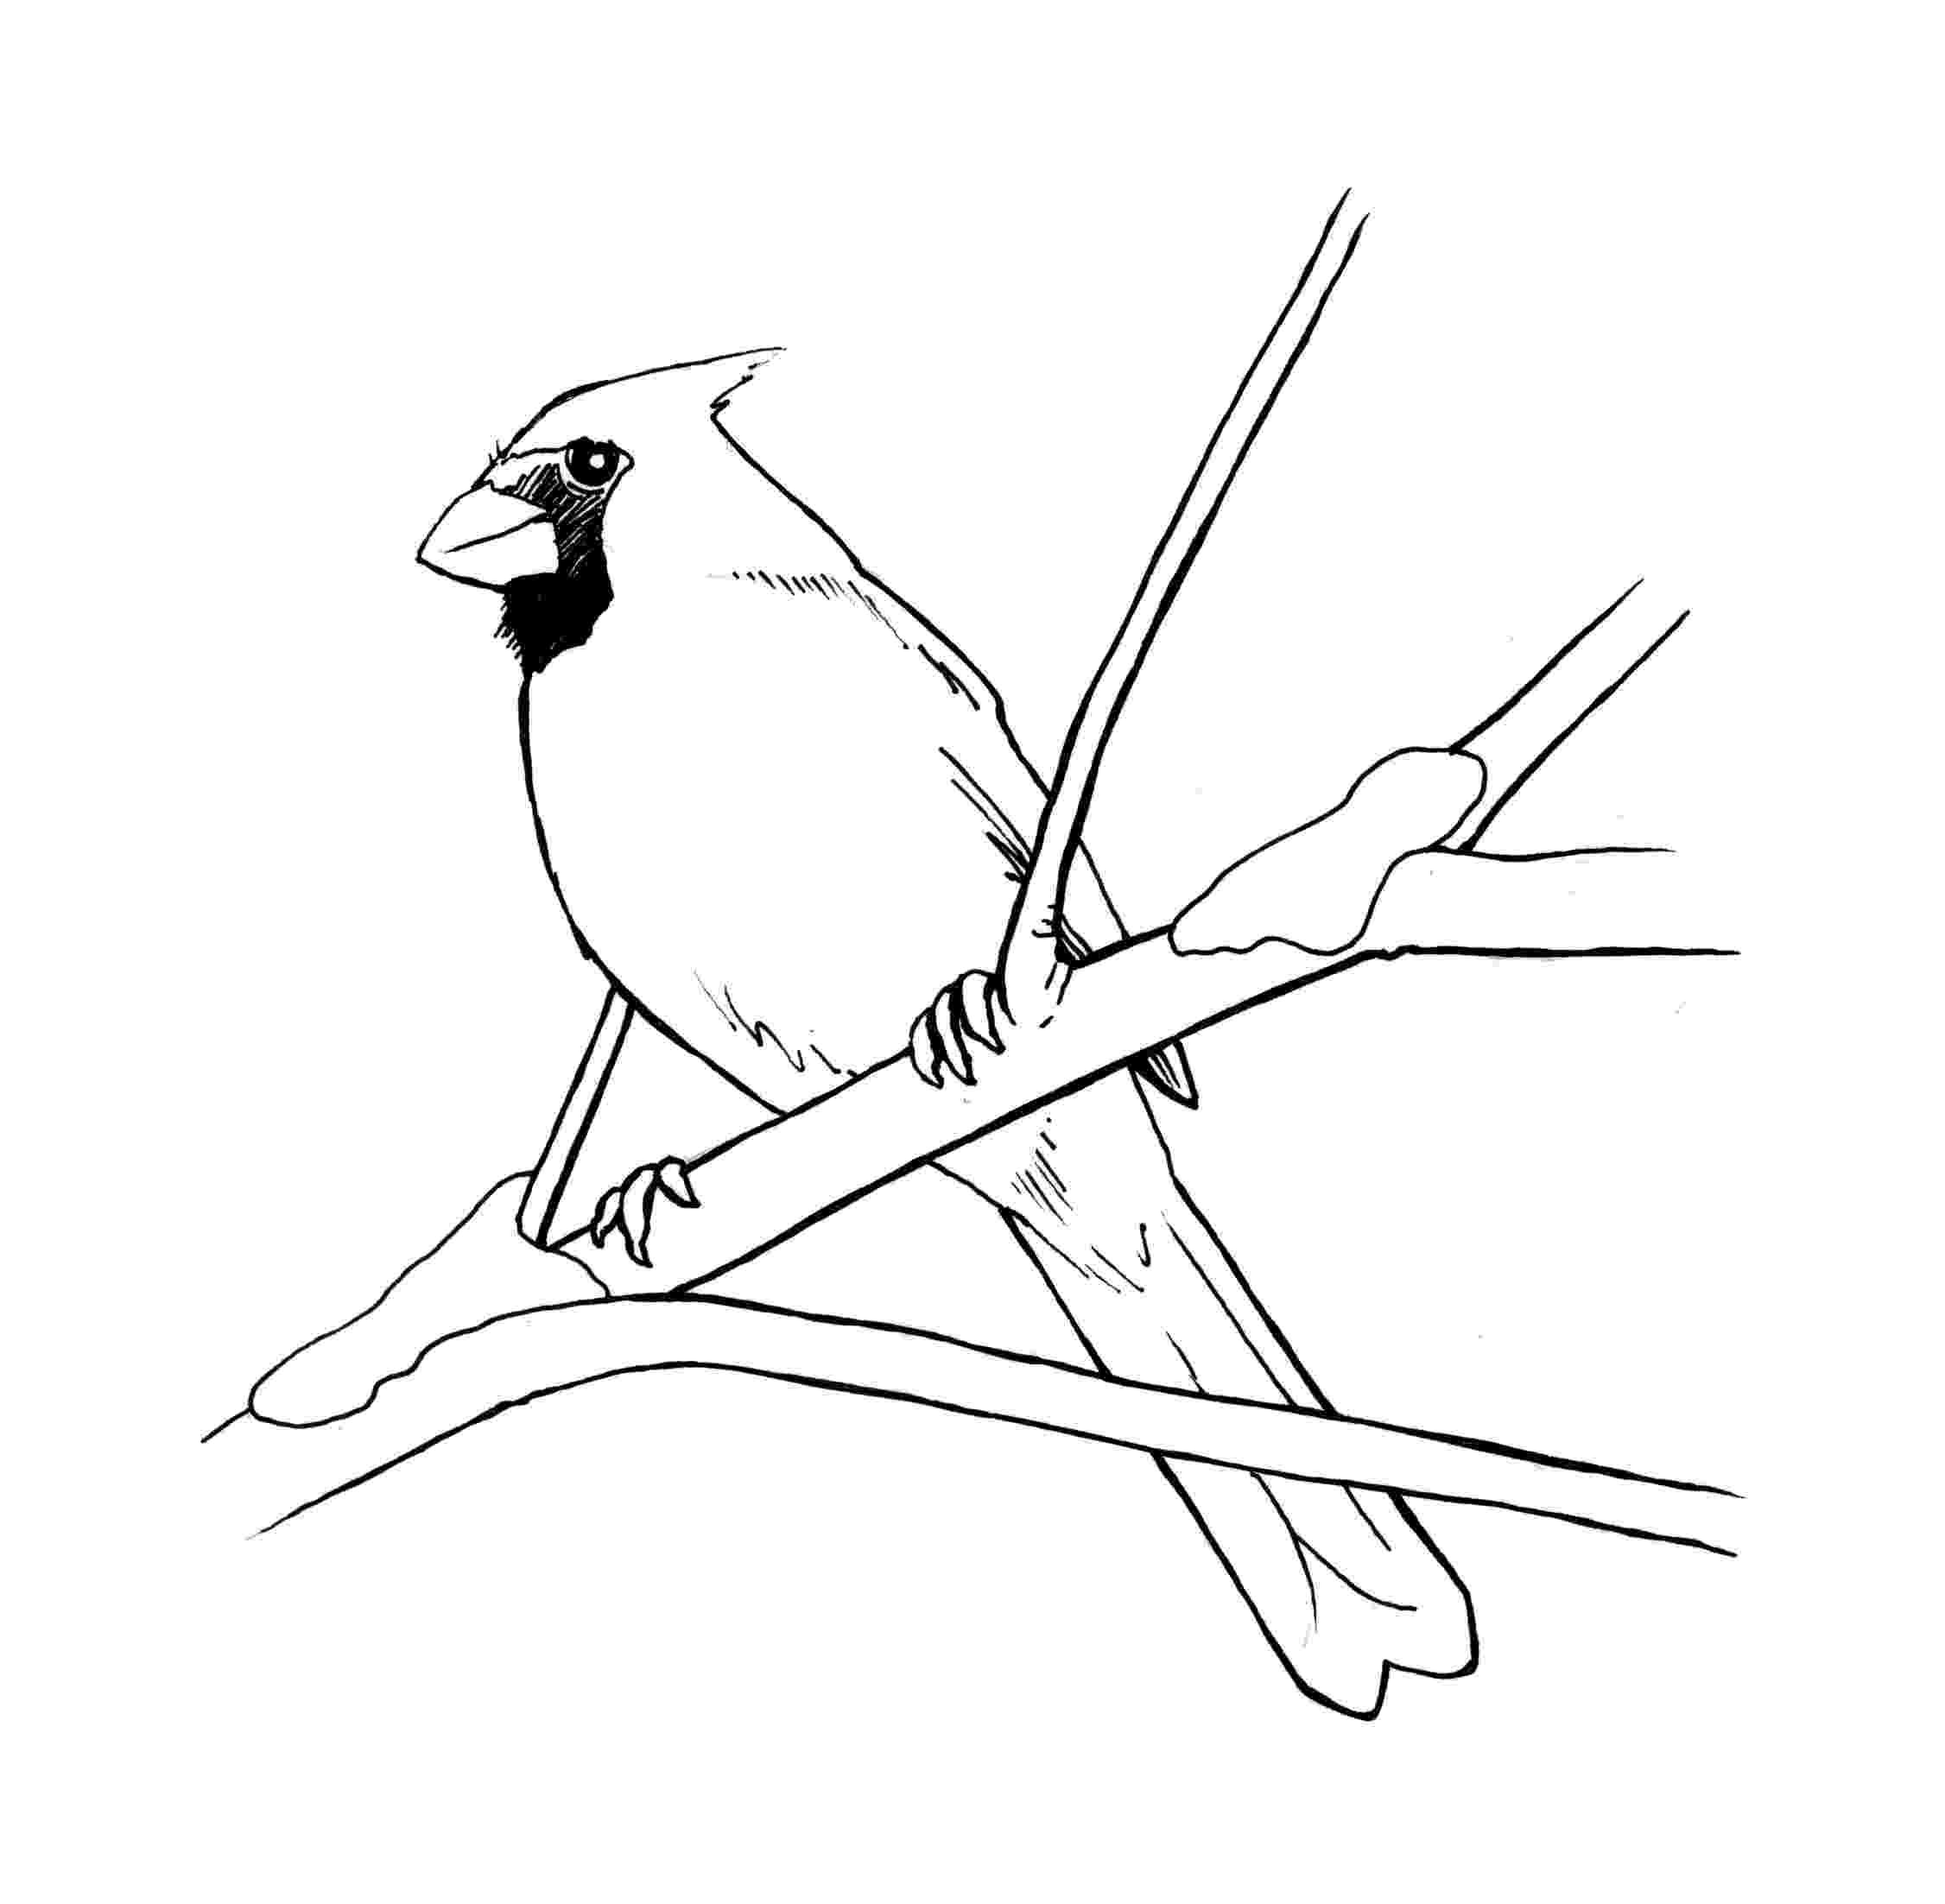 cardinal bird coloring page cardinal bird image coloring page cardinal bird image coloring bird page cardinal